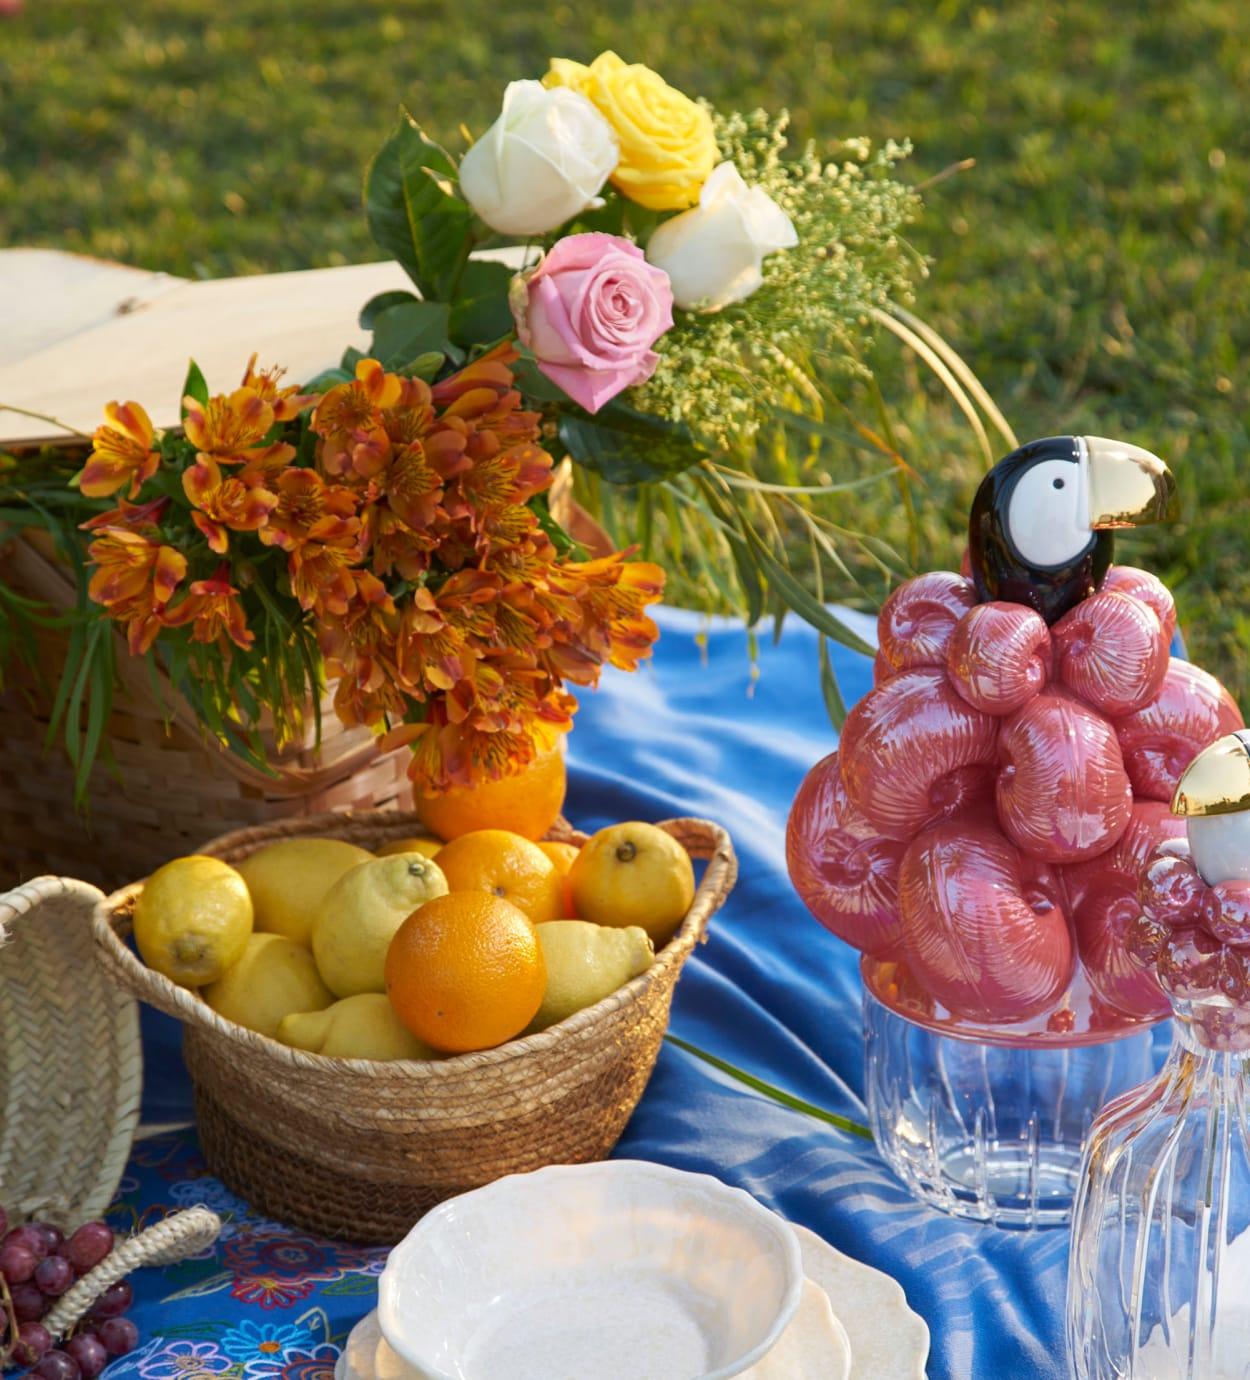 Blumen in Weidenkörben zum Picknick